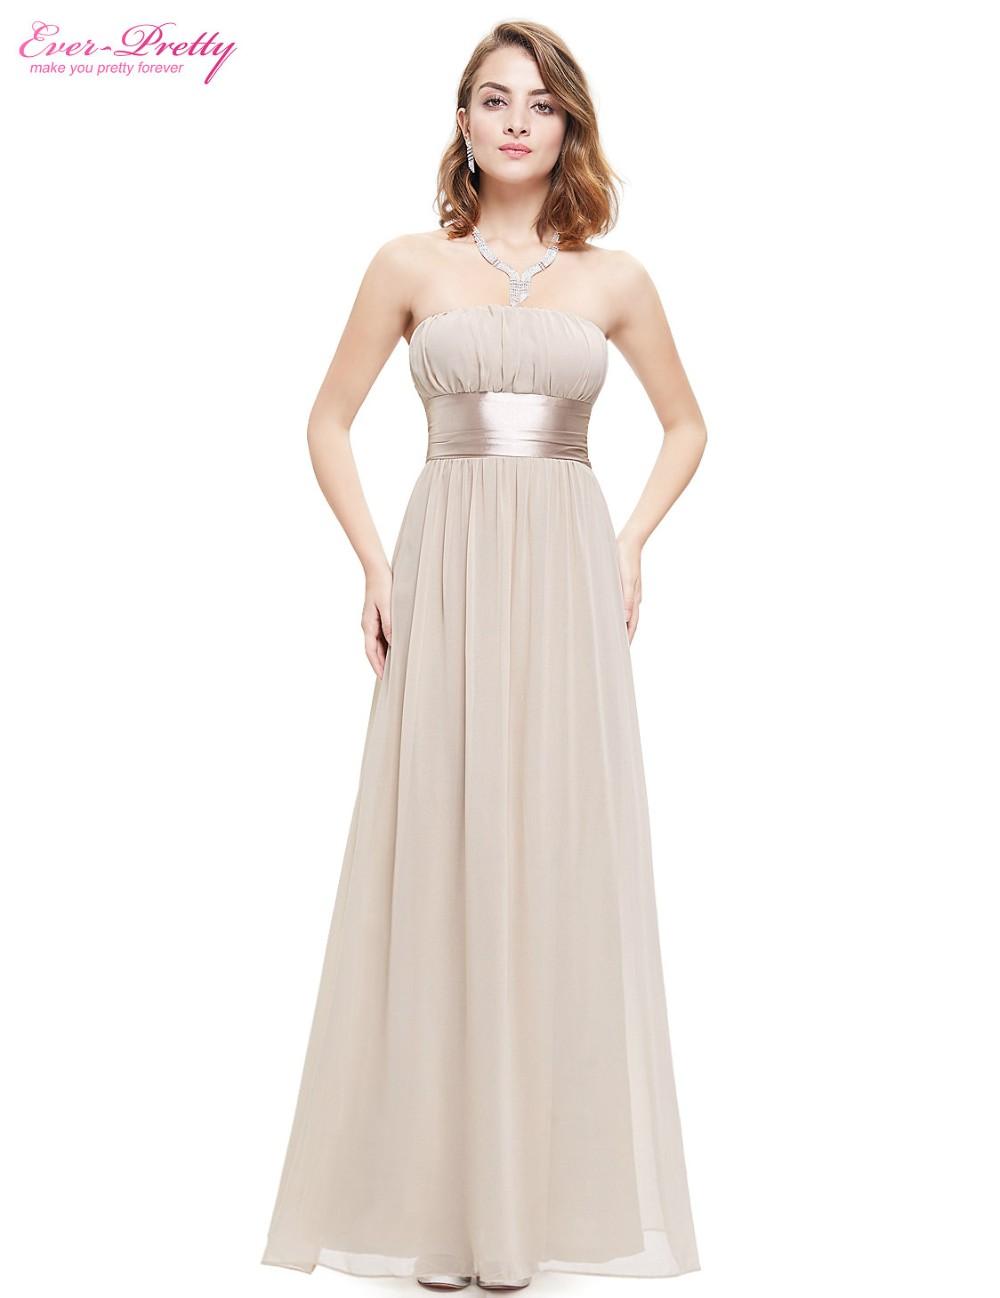 Buy sexy dresses